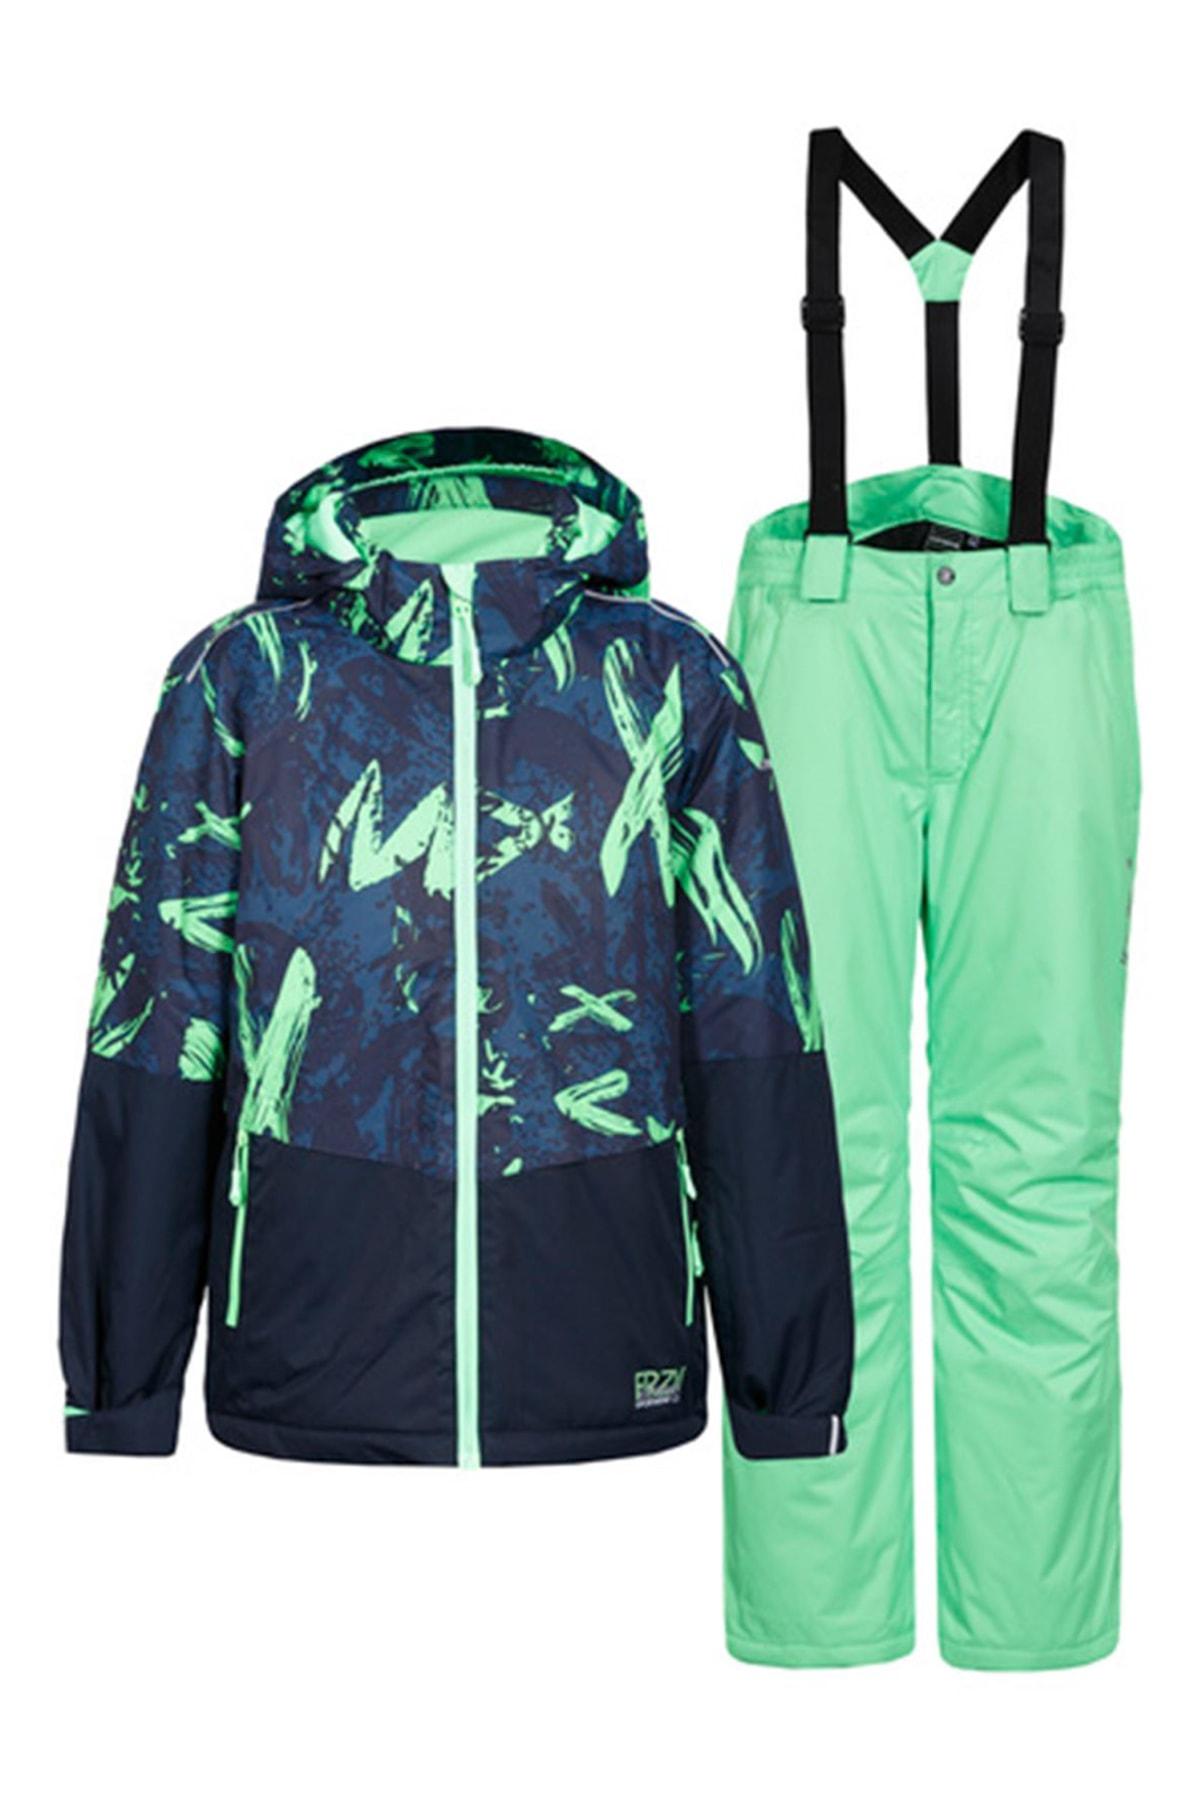 Icepeak Lacivert Çocuk Kayak Takımı 52131-522-365 Hagan Jr 1